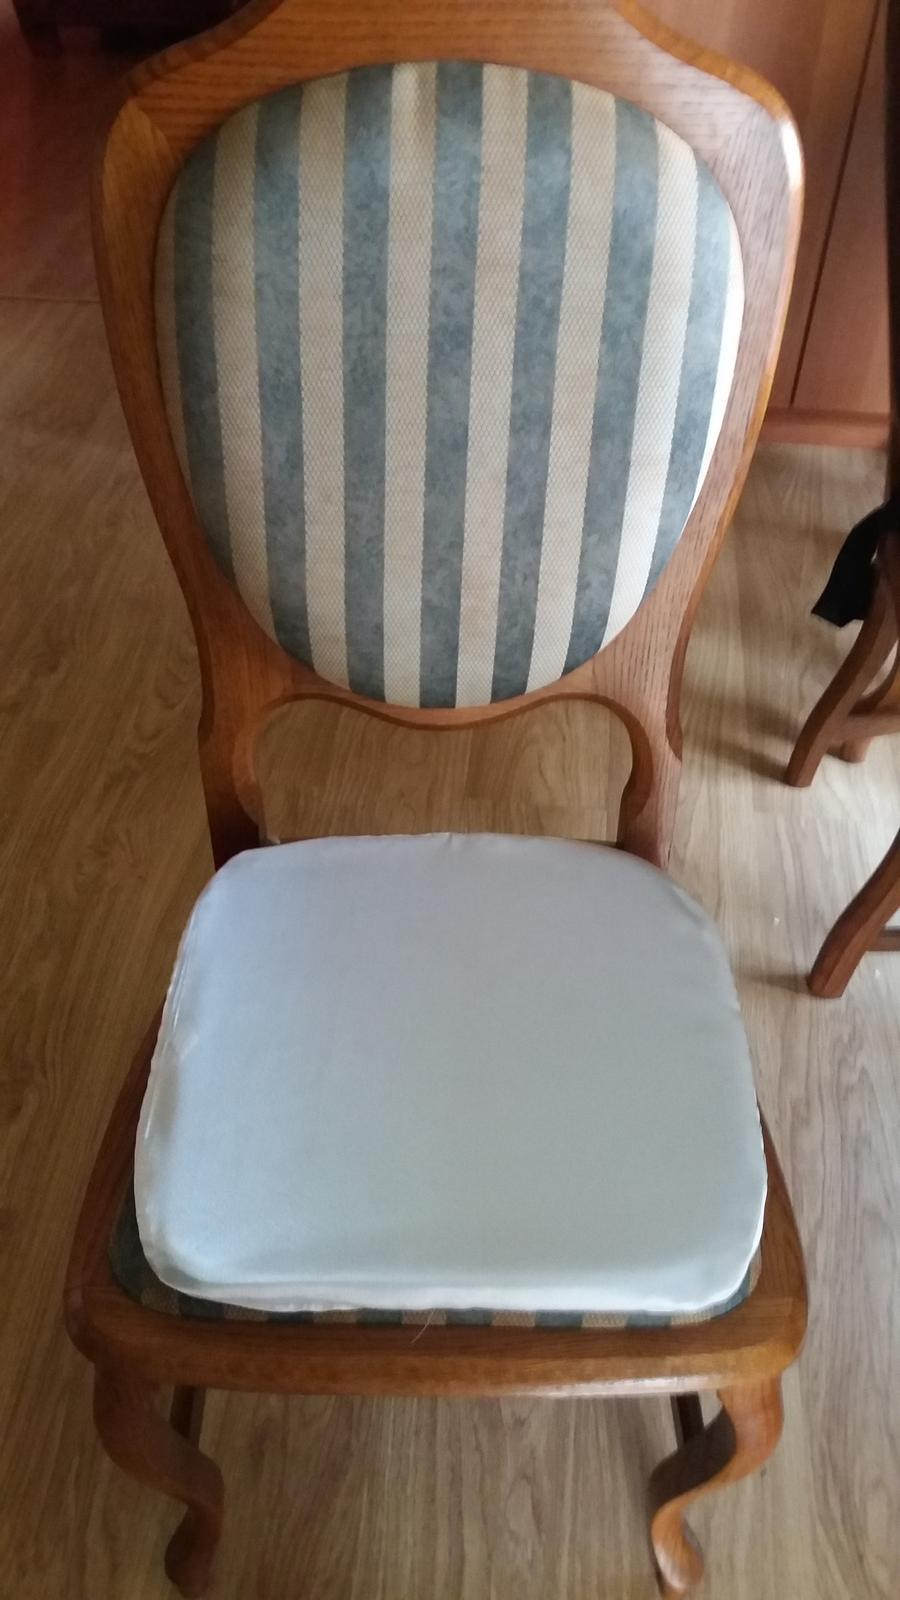 Pronájem- Podsedáky na svatební židle - Obrázek č. 1